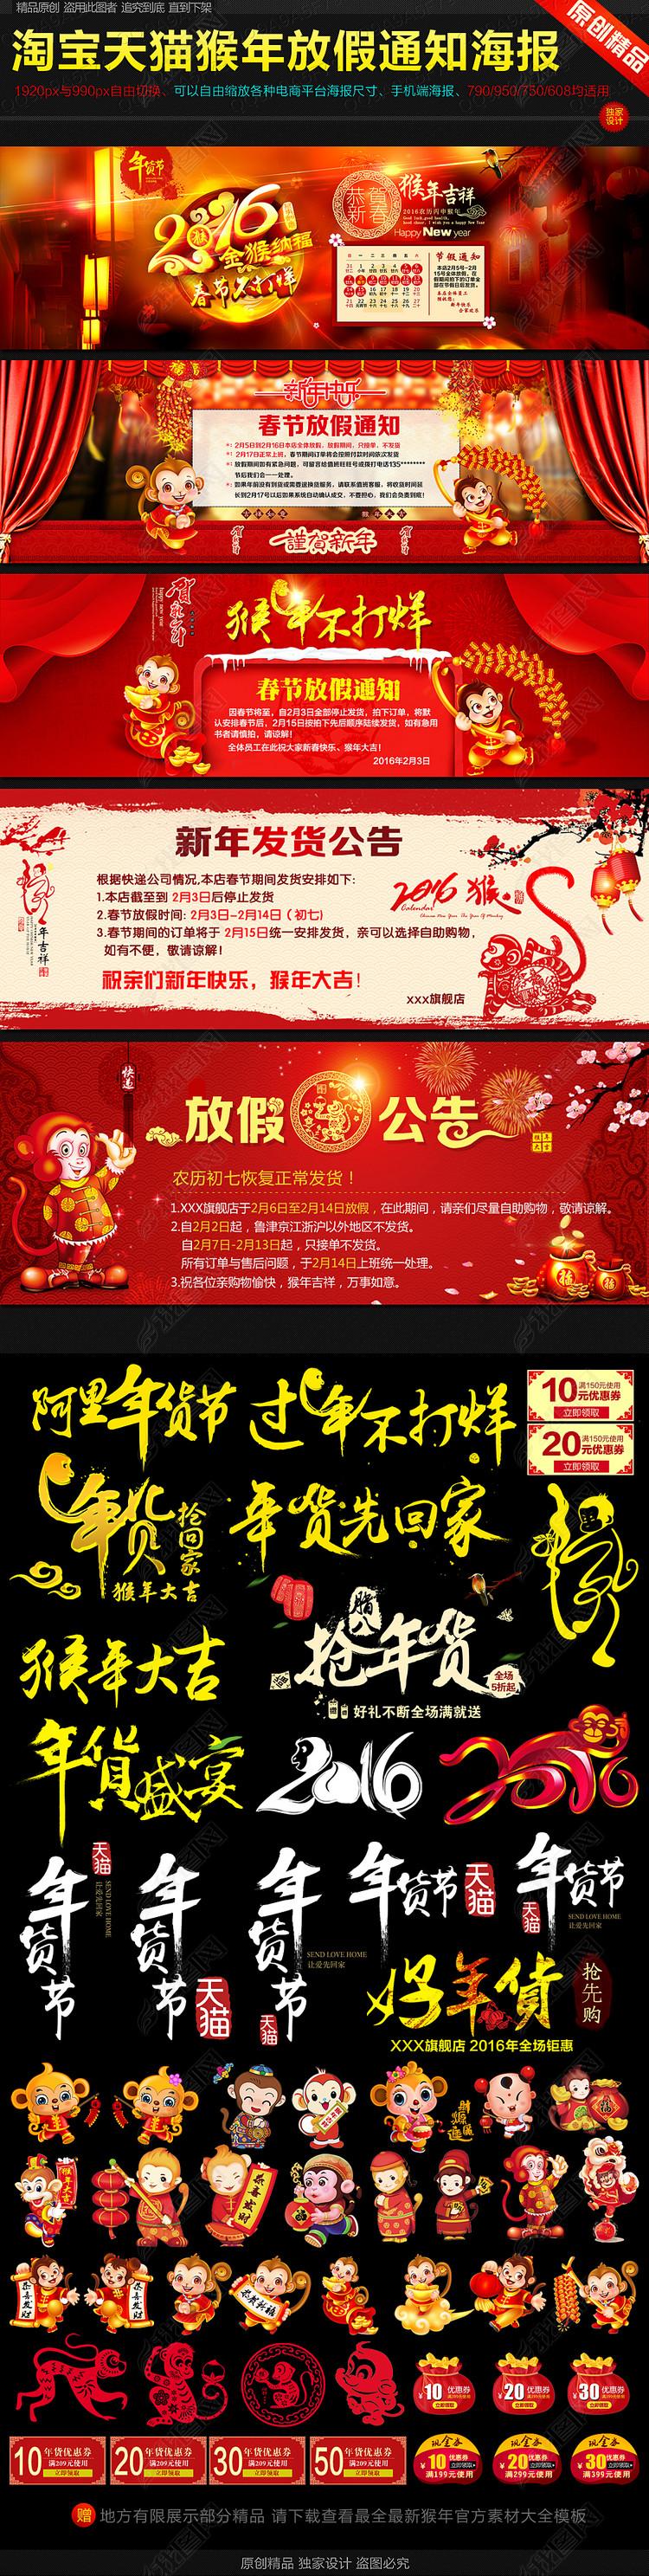 淘宝天猫2016春节不打烊放假海报模板